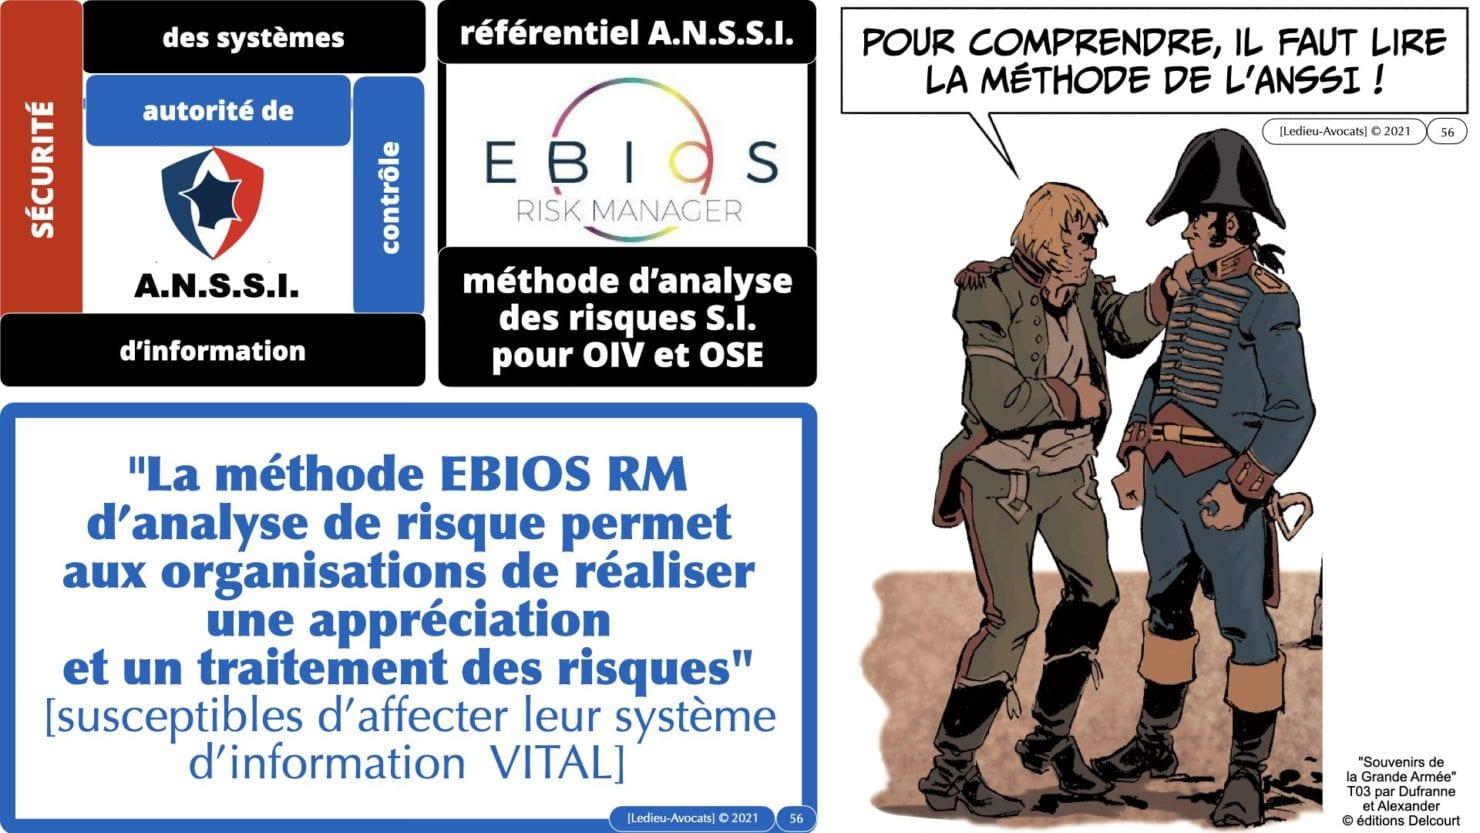 342 cyber sécurité #2 OIV OSE analyse risque EBIOS RM © Ledieu-avocat 15-07-2021.056